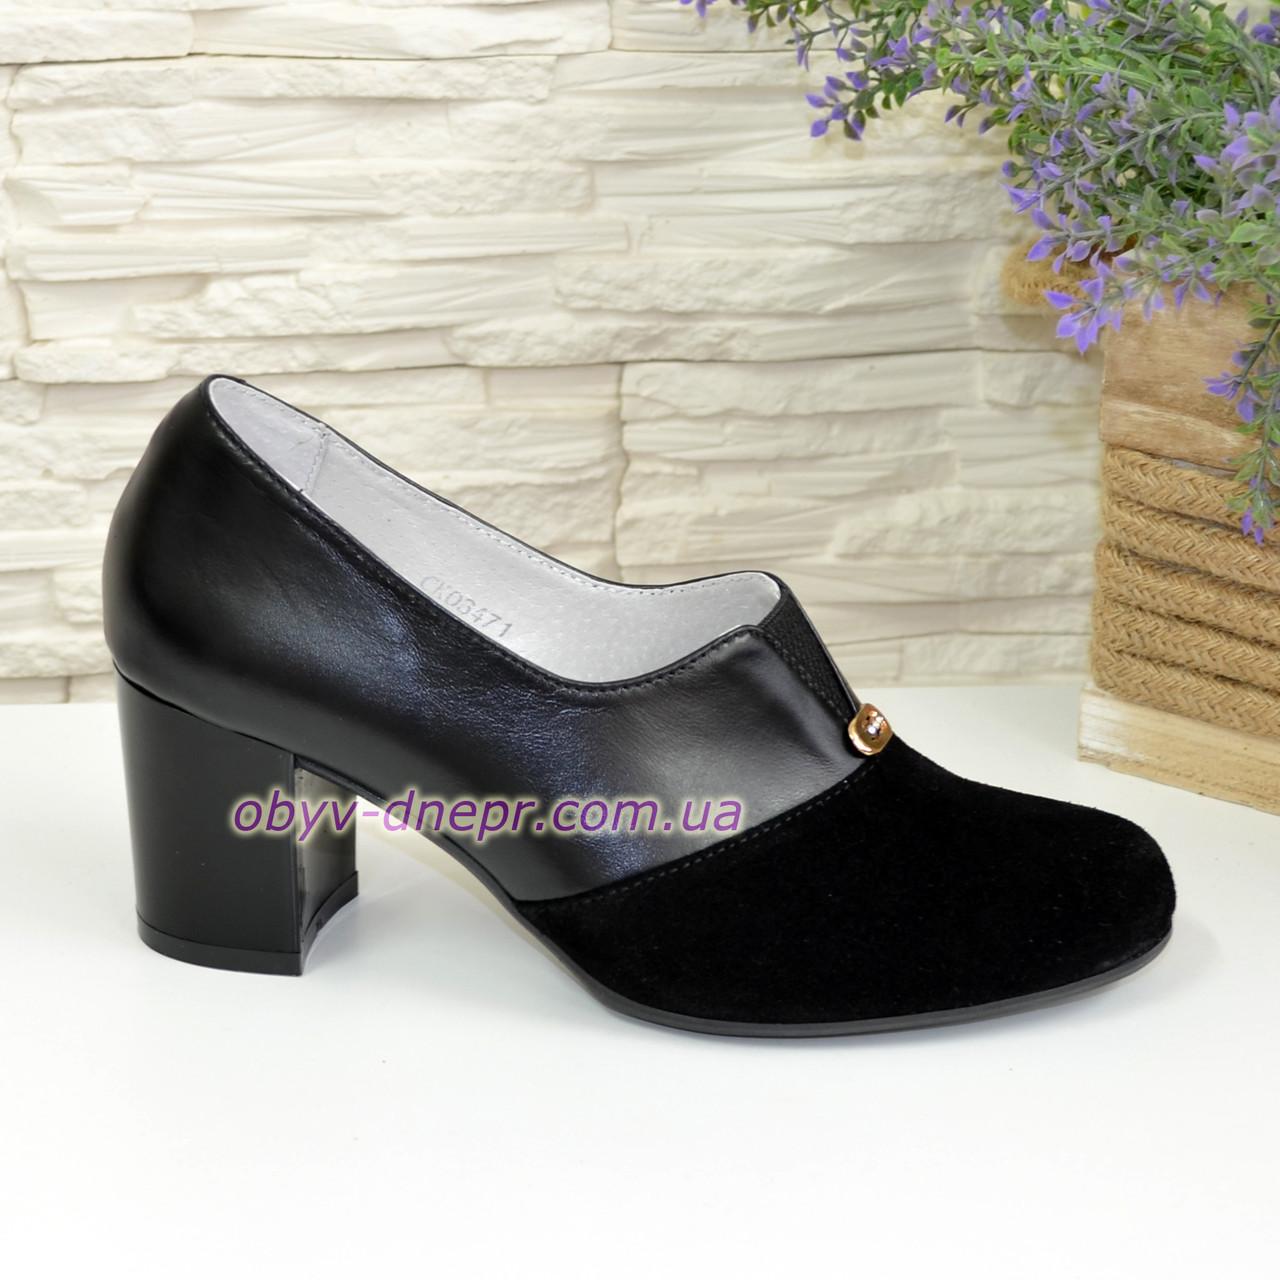 Женские классические черные туфли на каблуке, декорированы фурнитурой. Натуральная замша и кожа